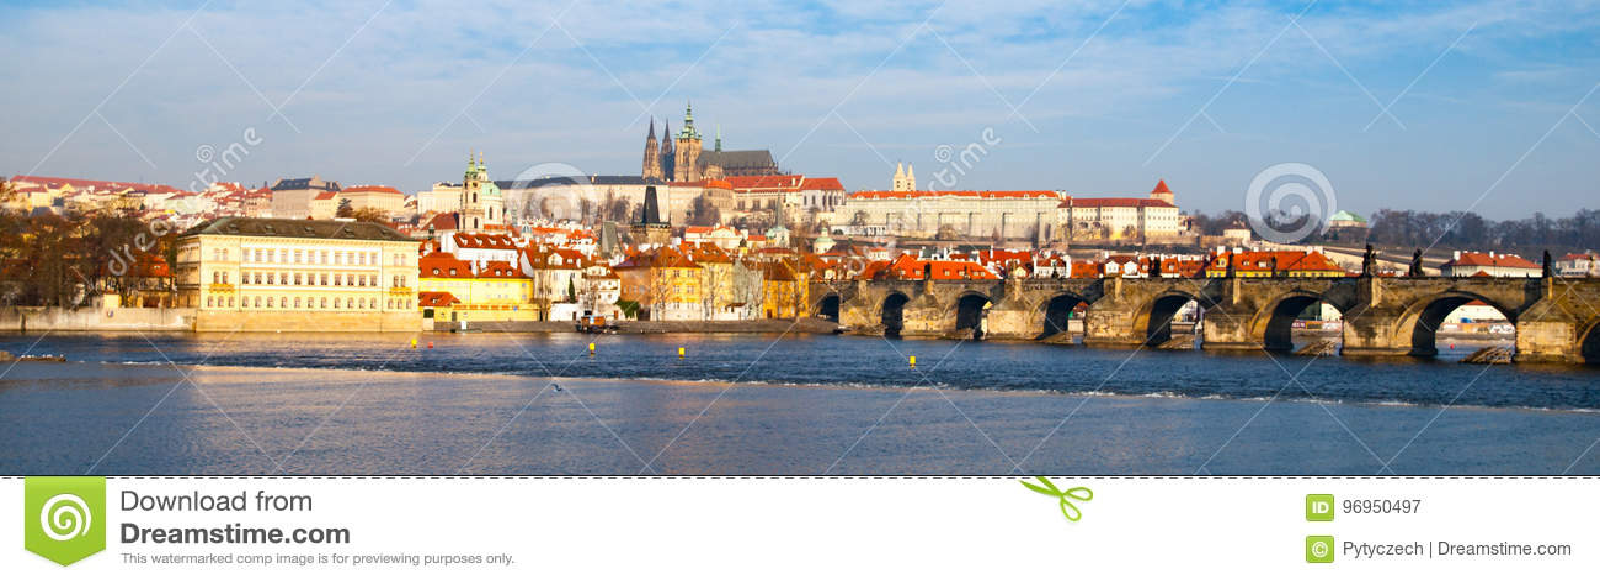 Panorama de Praga Hradcany el día soleado Charles Bridge sobre el río de Moldava con el castillo de Praga, República Checa